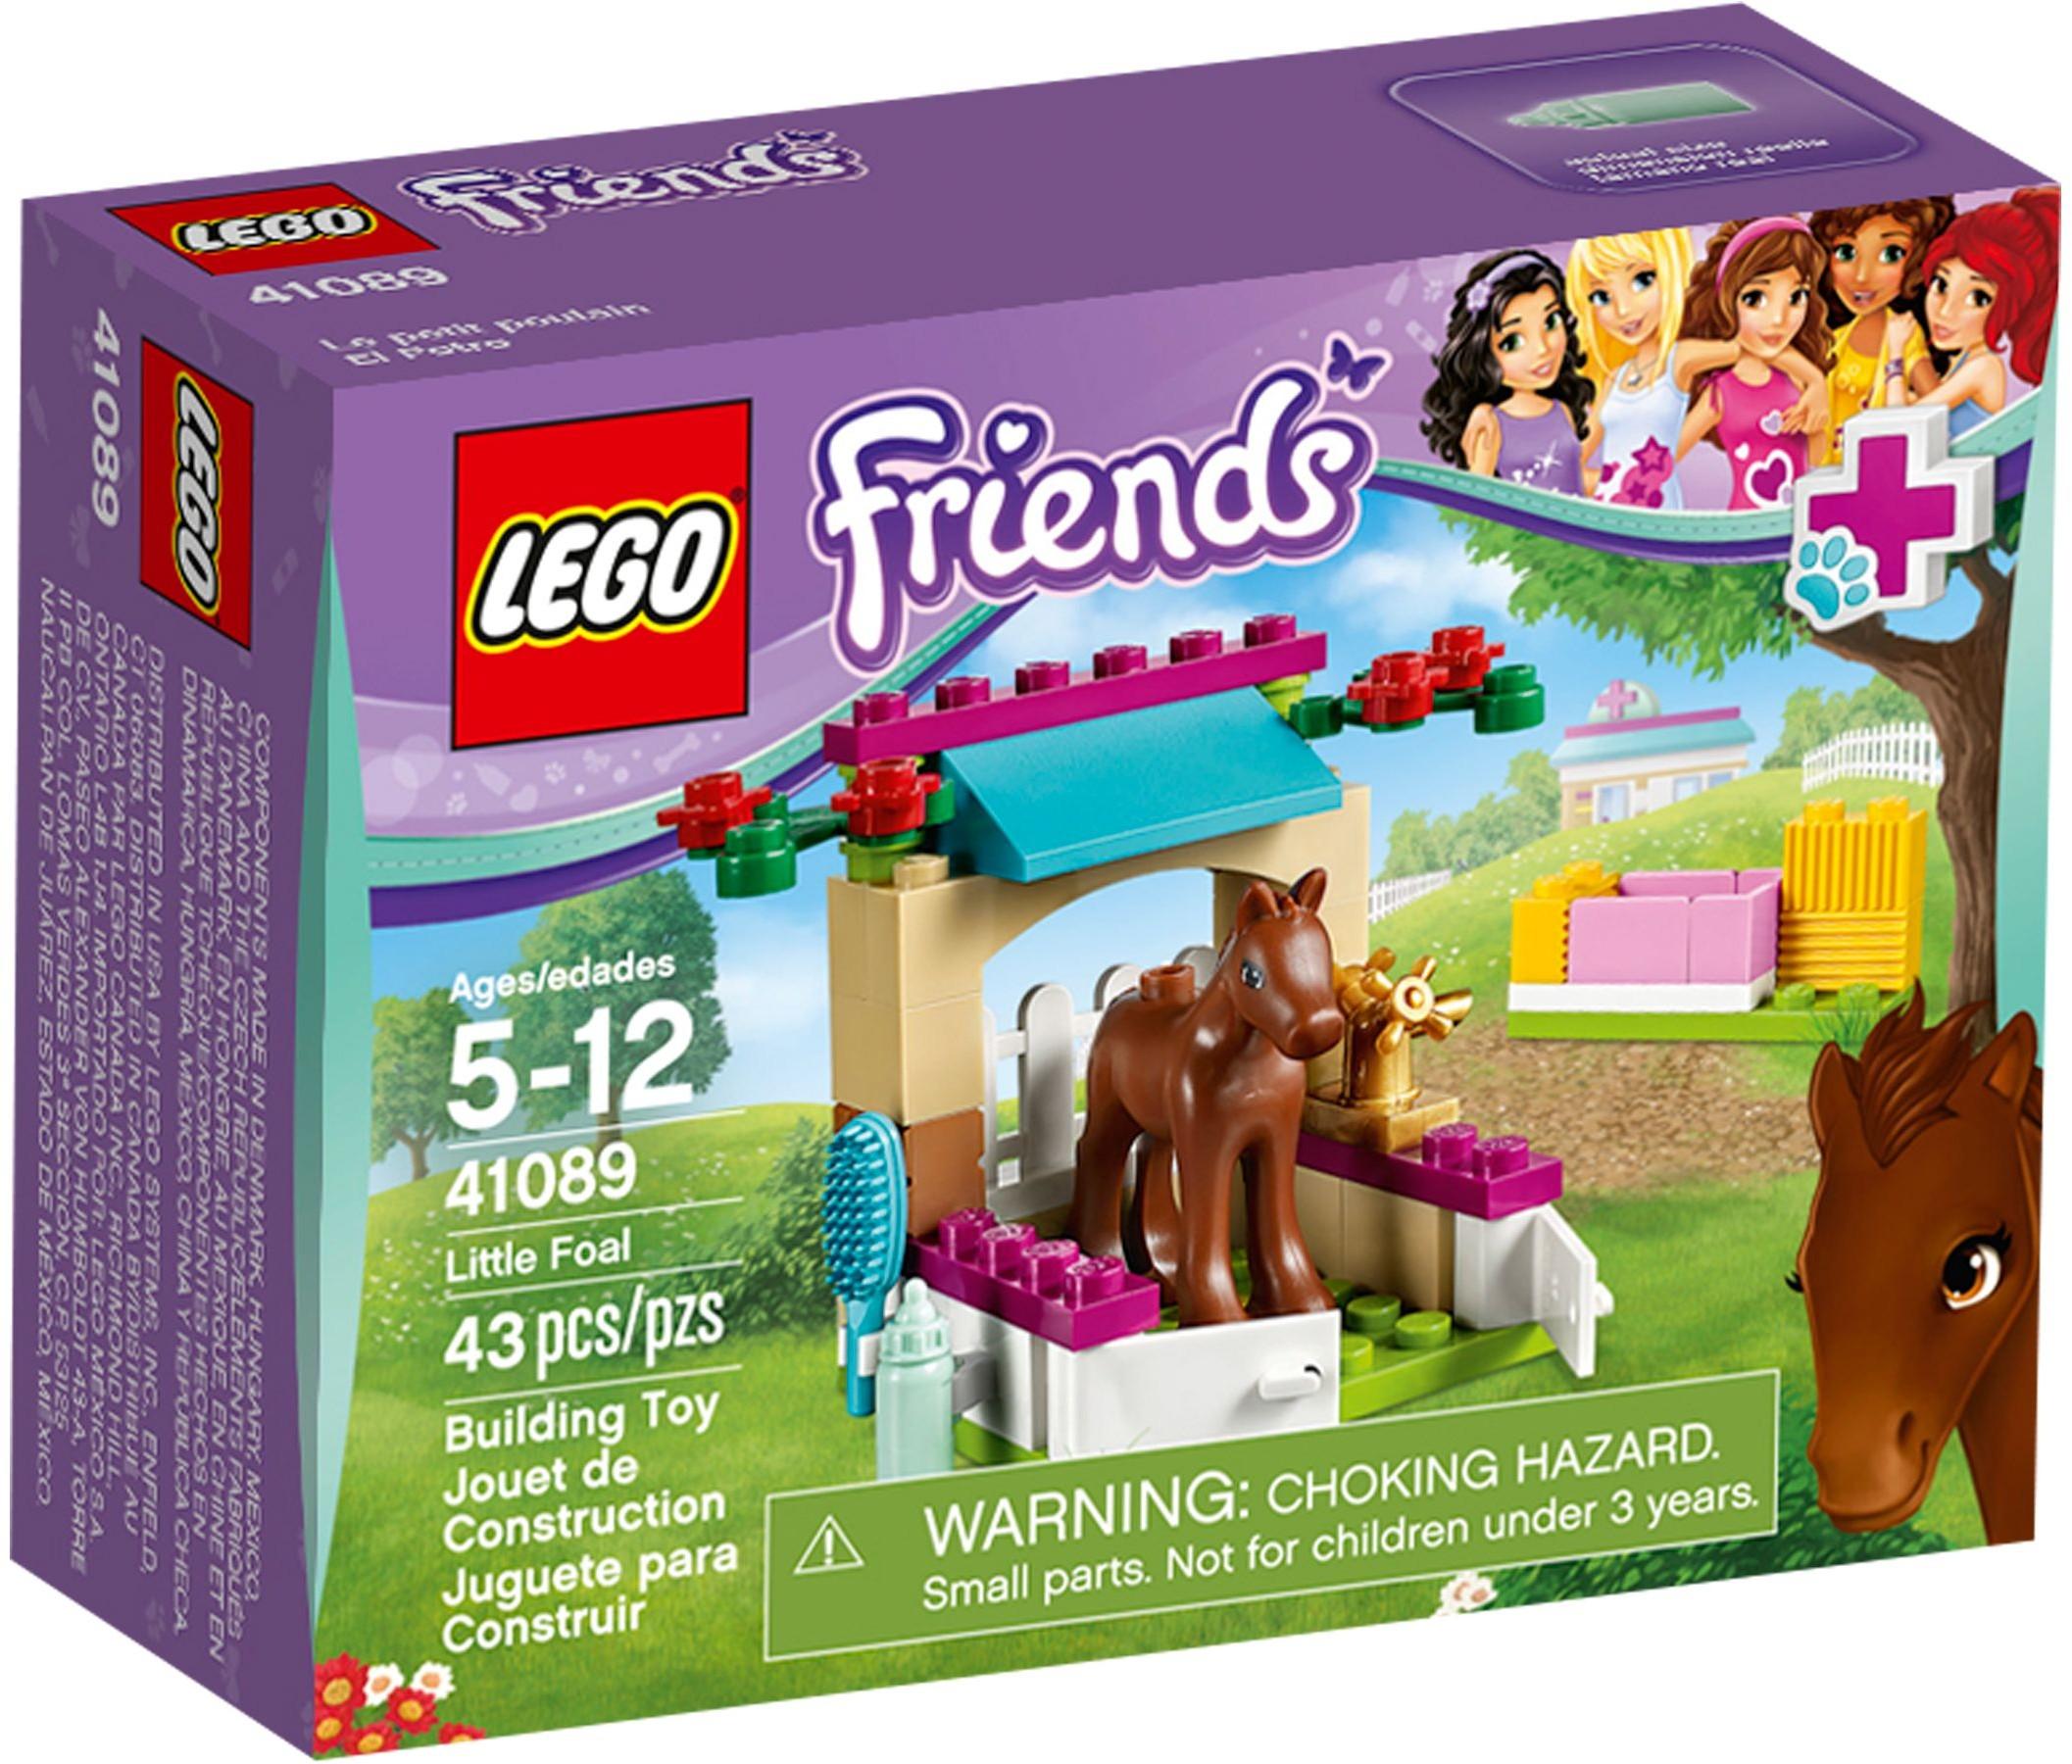 Lego Friends 41089 Little Foal Complete Set